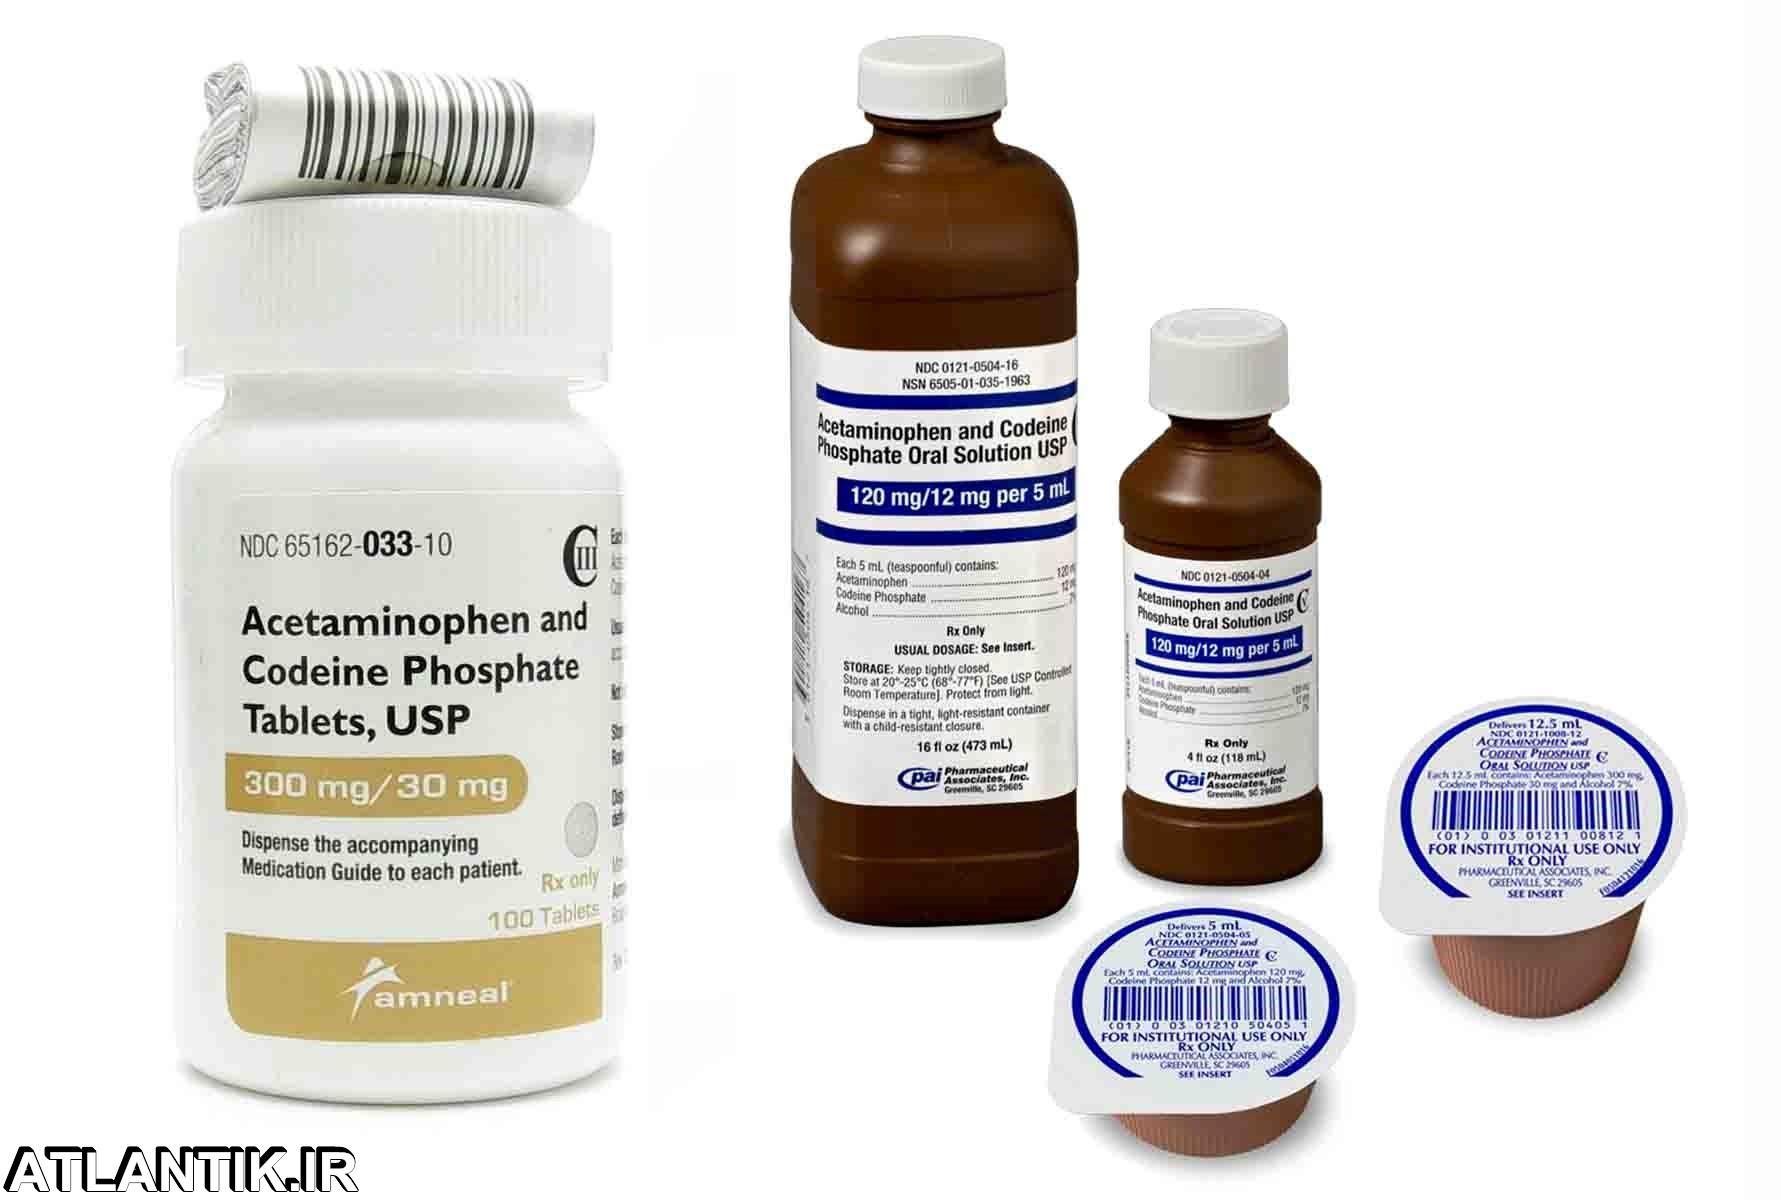 اتلانتيک-معرفي داروي ضد درد و تب استامینوفن کدئین – Acetaminophen Codein- داريابي-داروشناسي-علم دارو